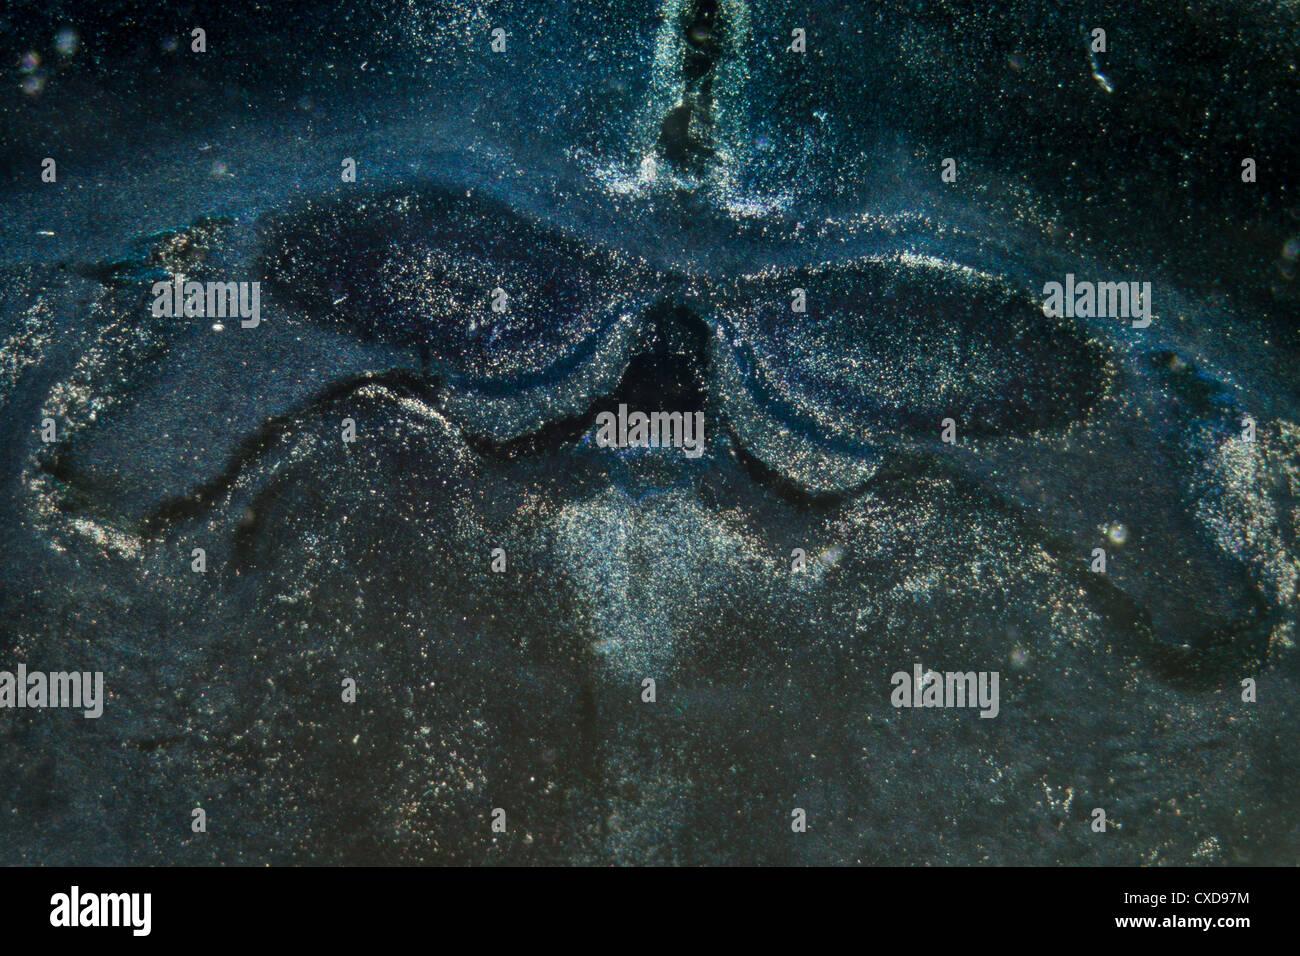 Microscopia di cervello di ratto neuroni ippocampali Immagini Stock